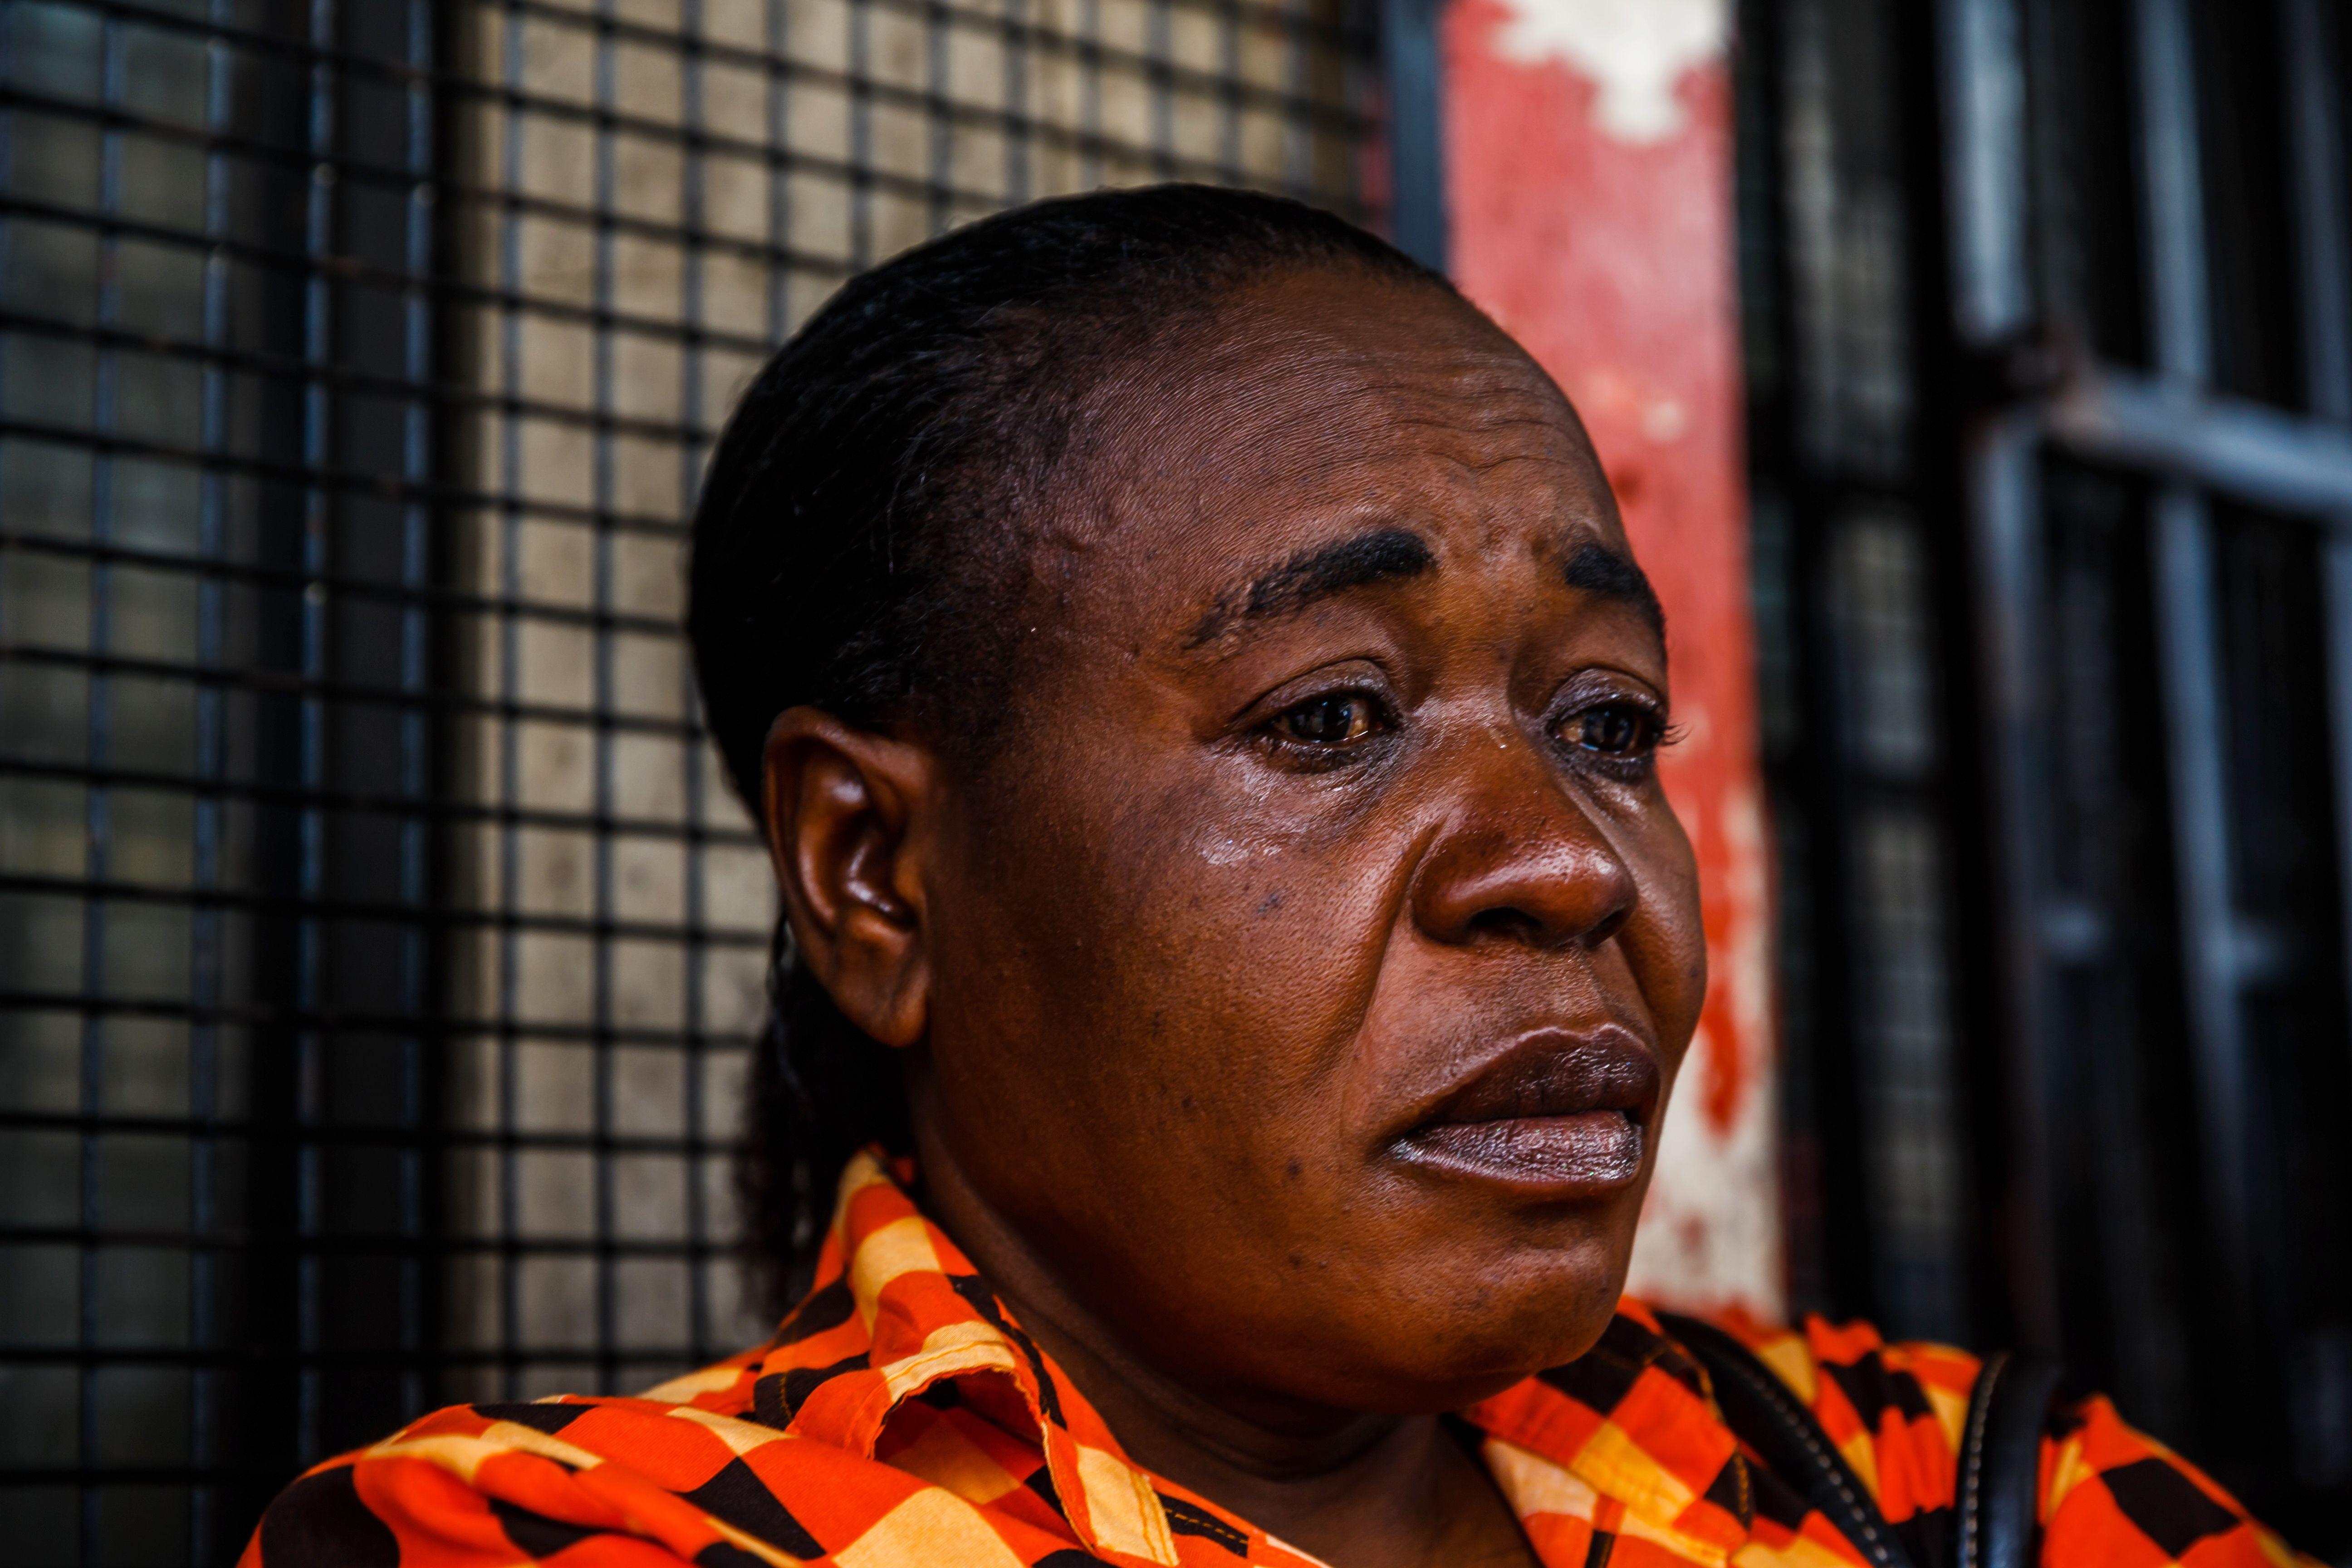 سيدة تبكى على وفاة زعيم المعارضة الزيمبابوية